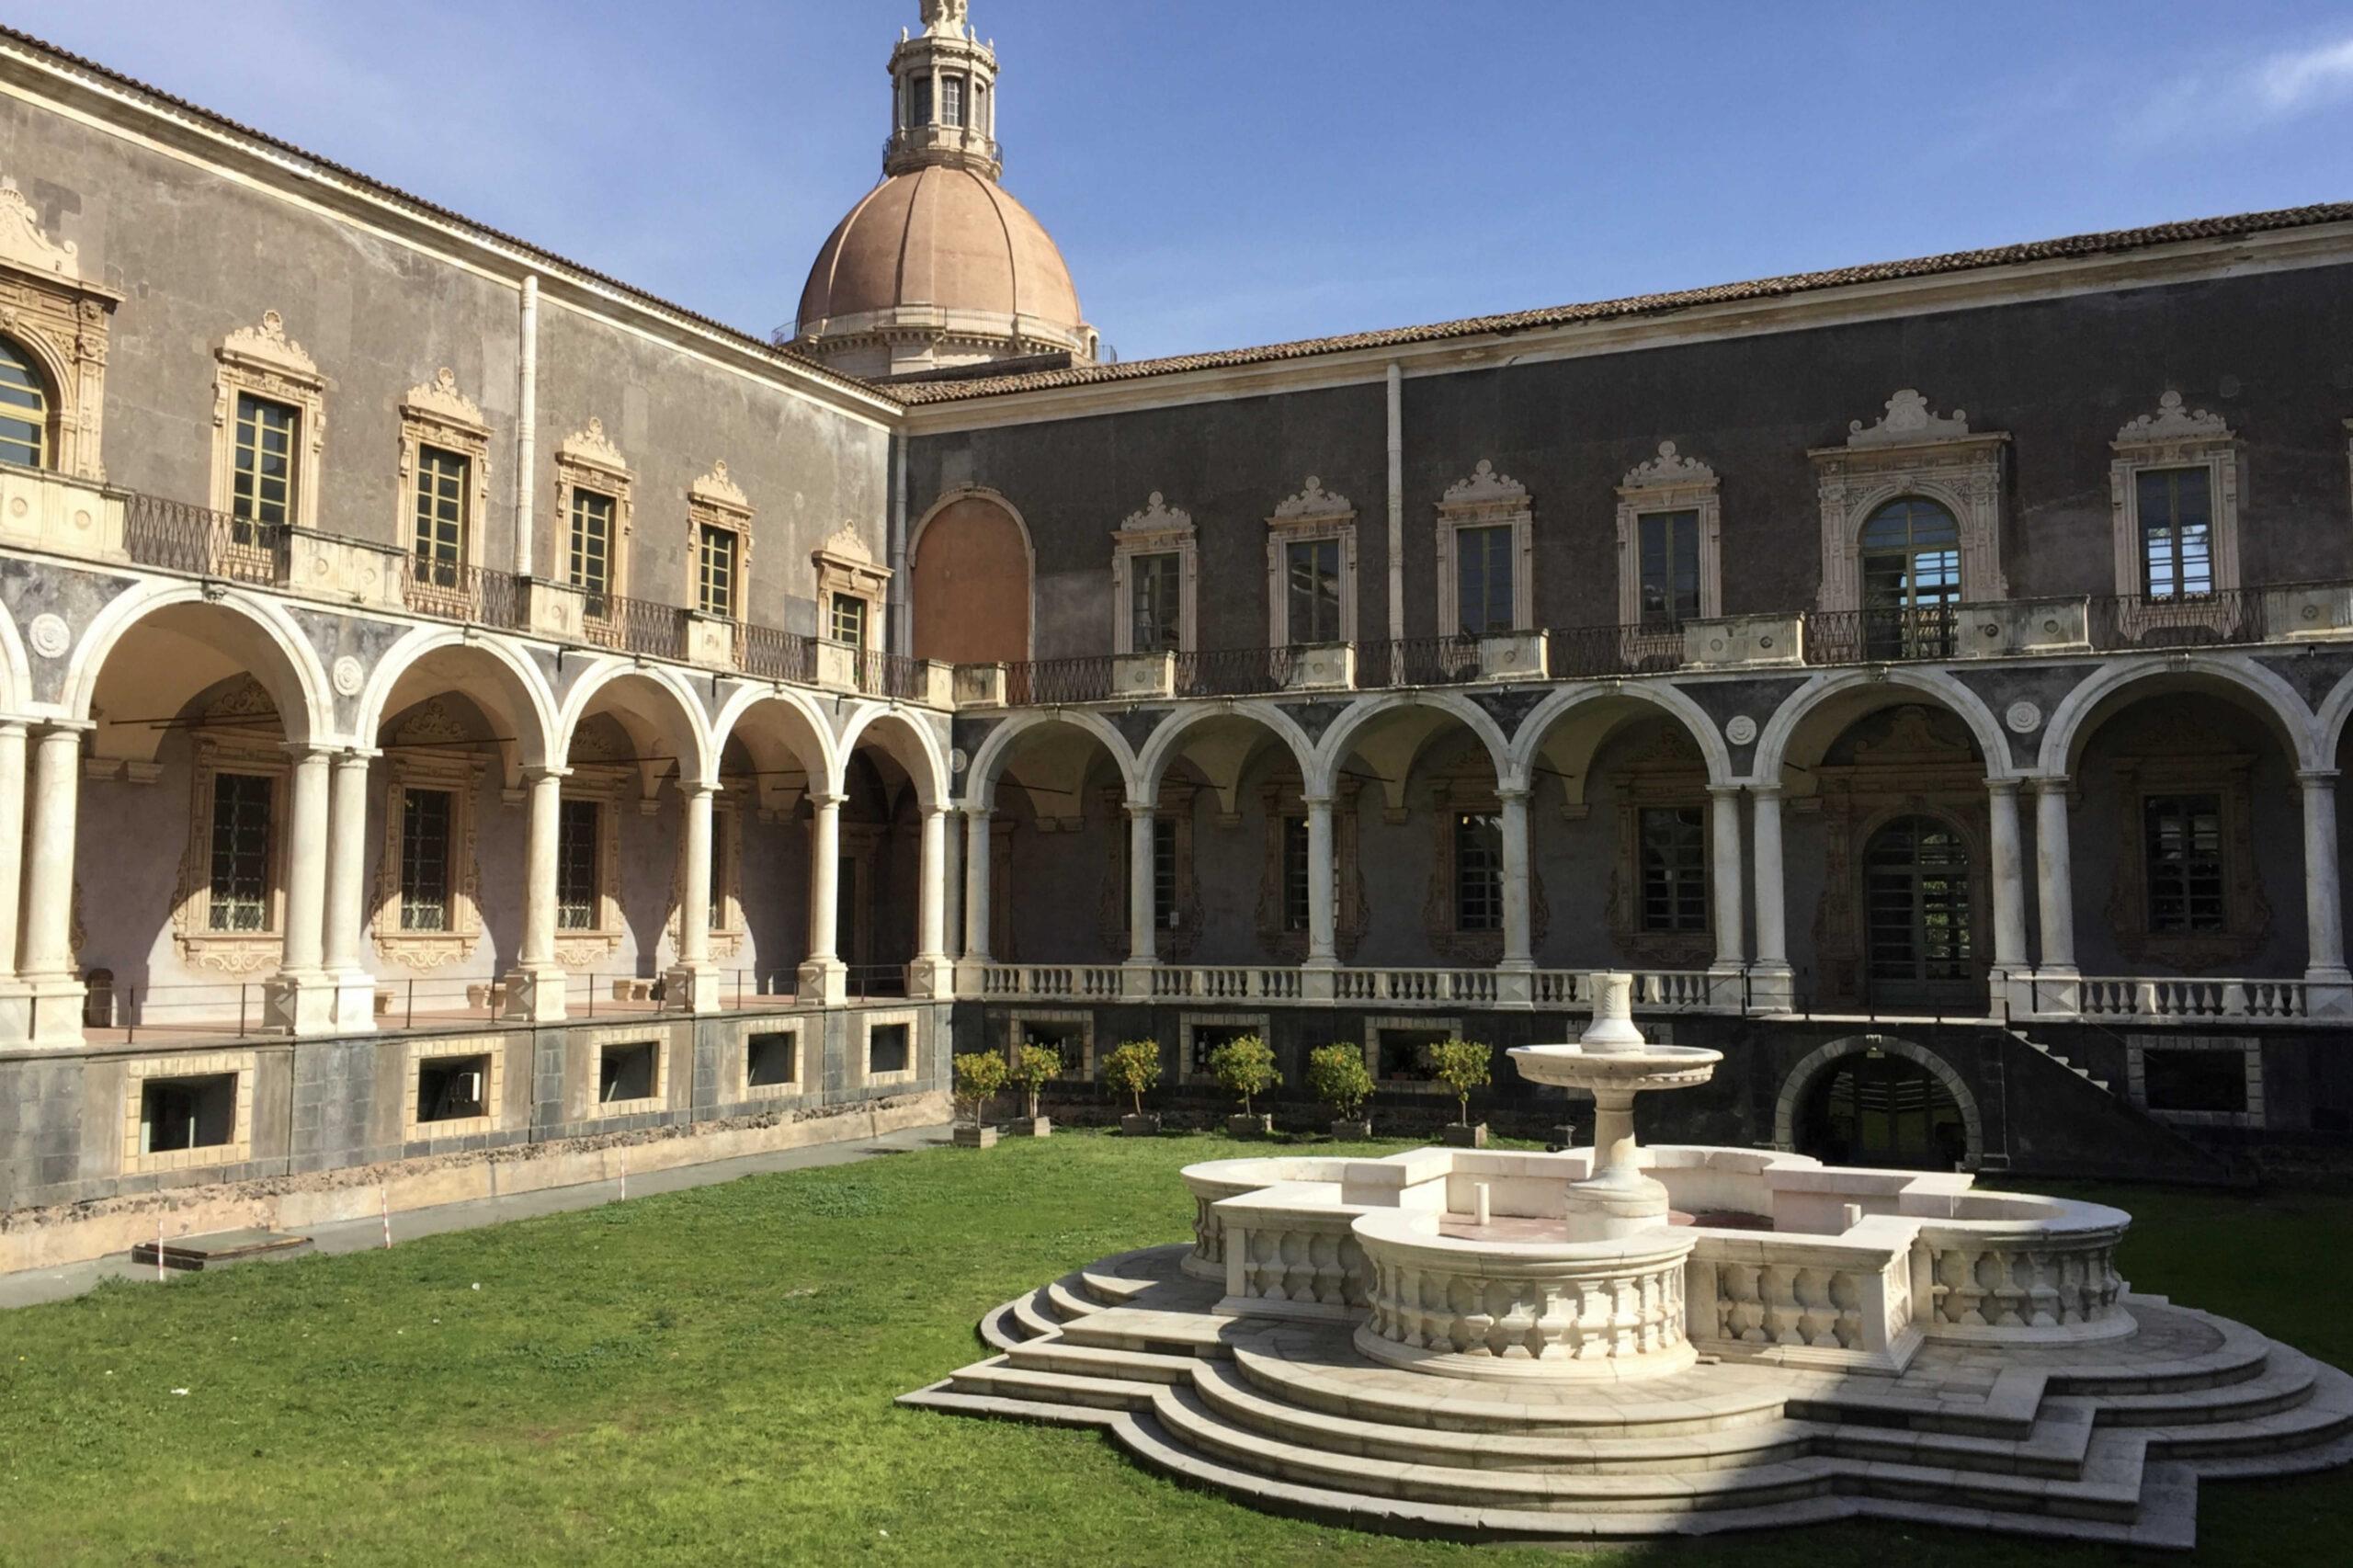 Monastero_dei_benedettini